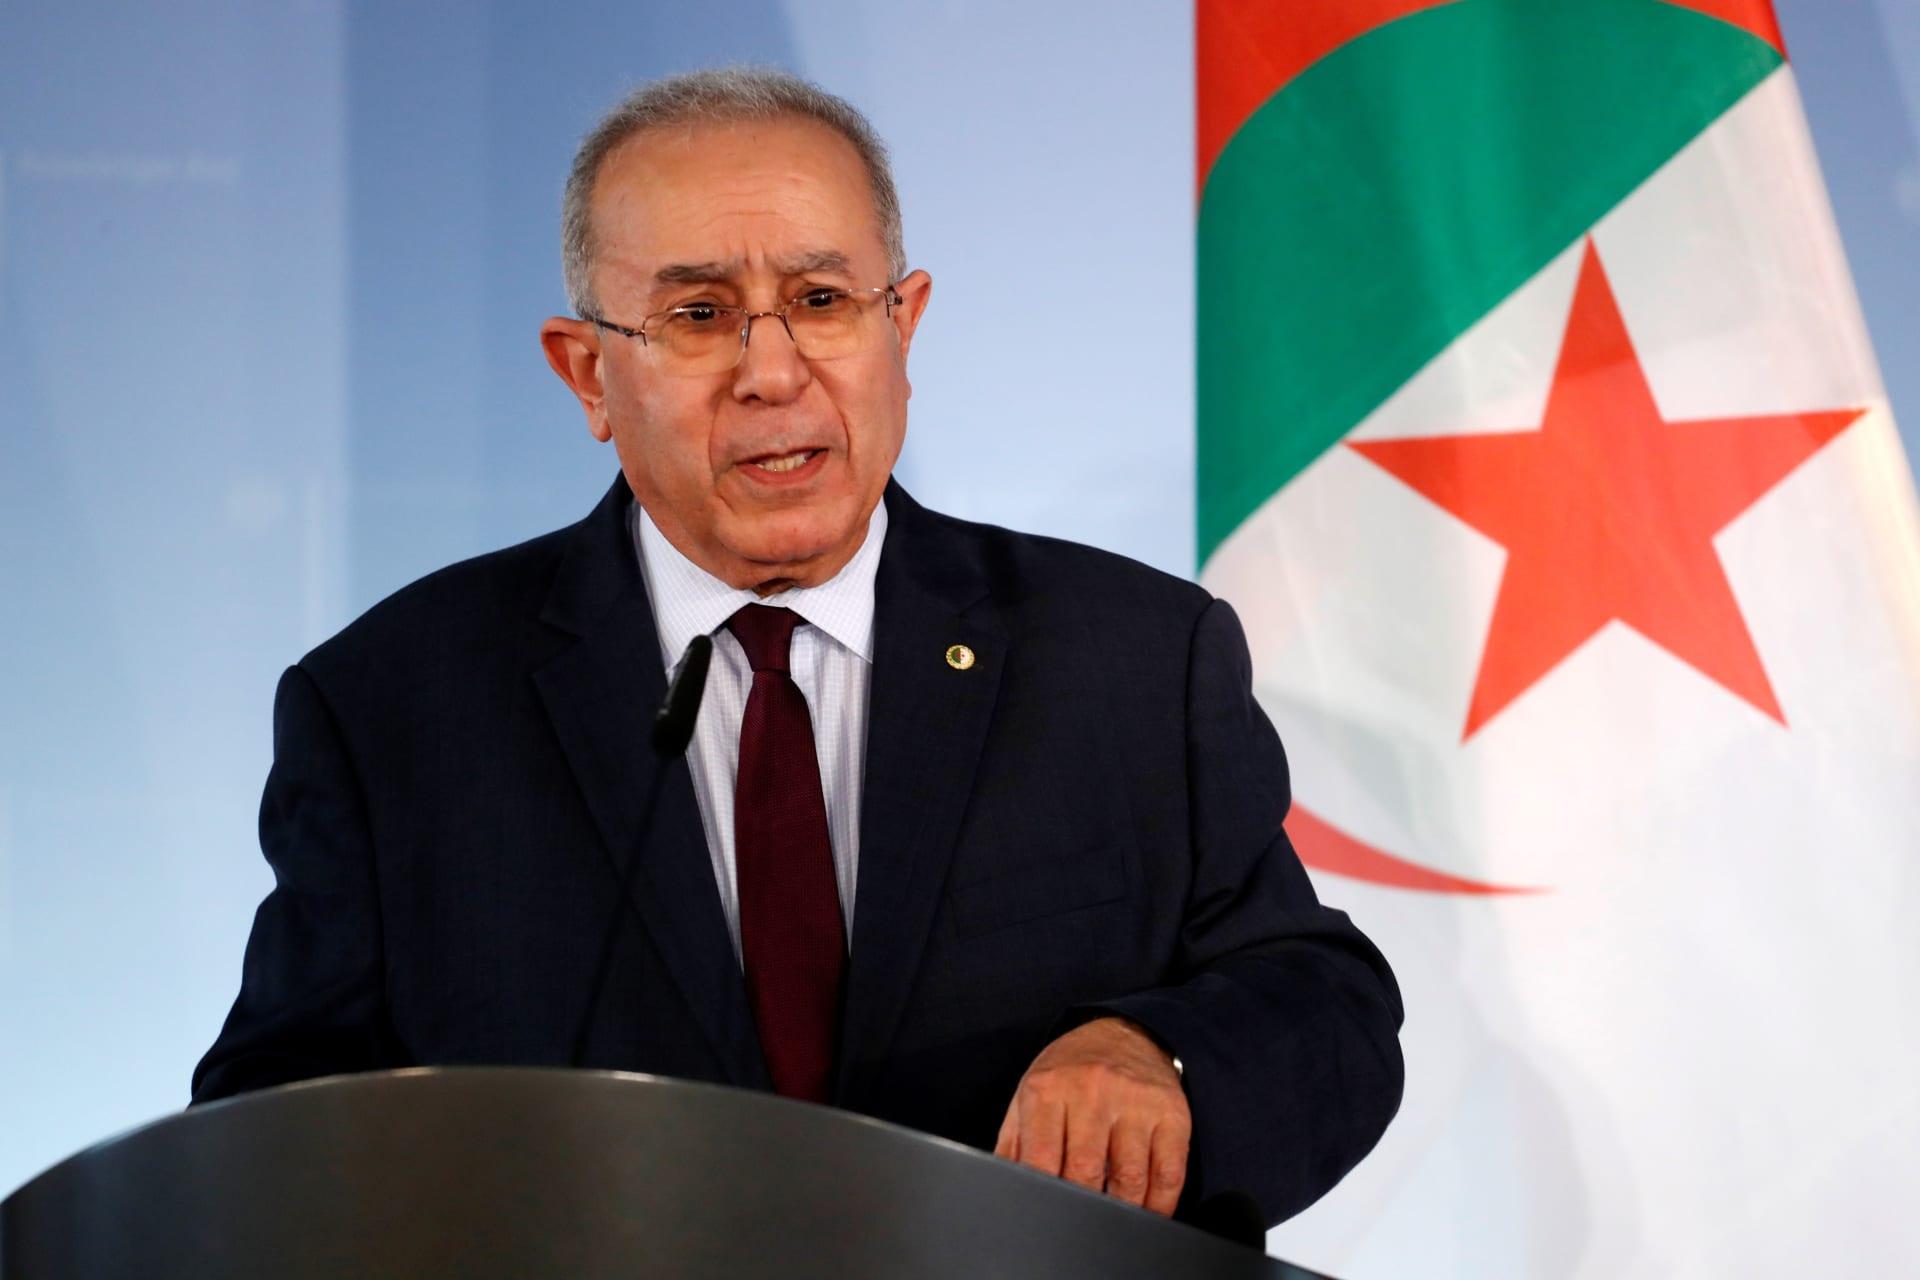 الجزائر تعلن قطع علاقاتها الدبلوماسية مع المغرب